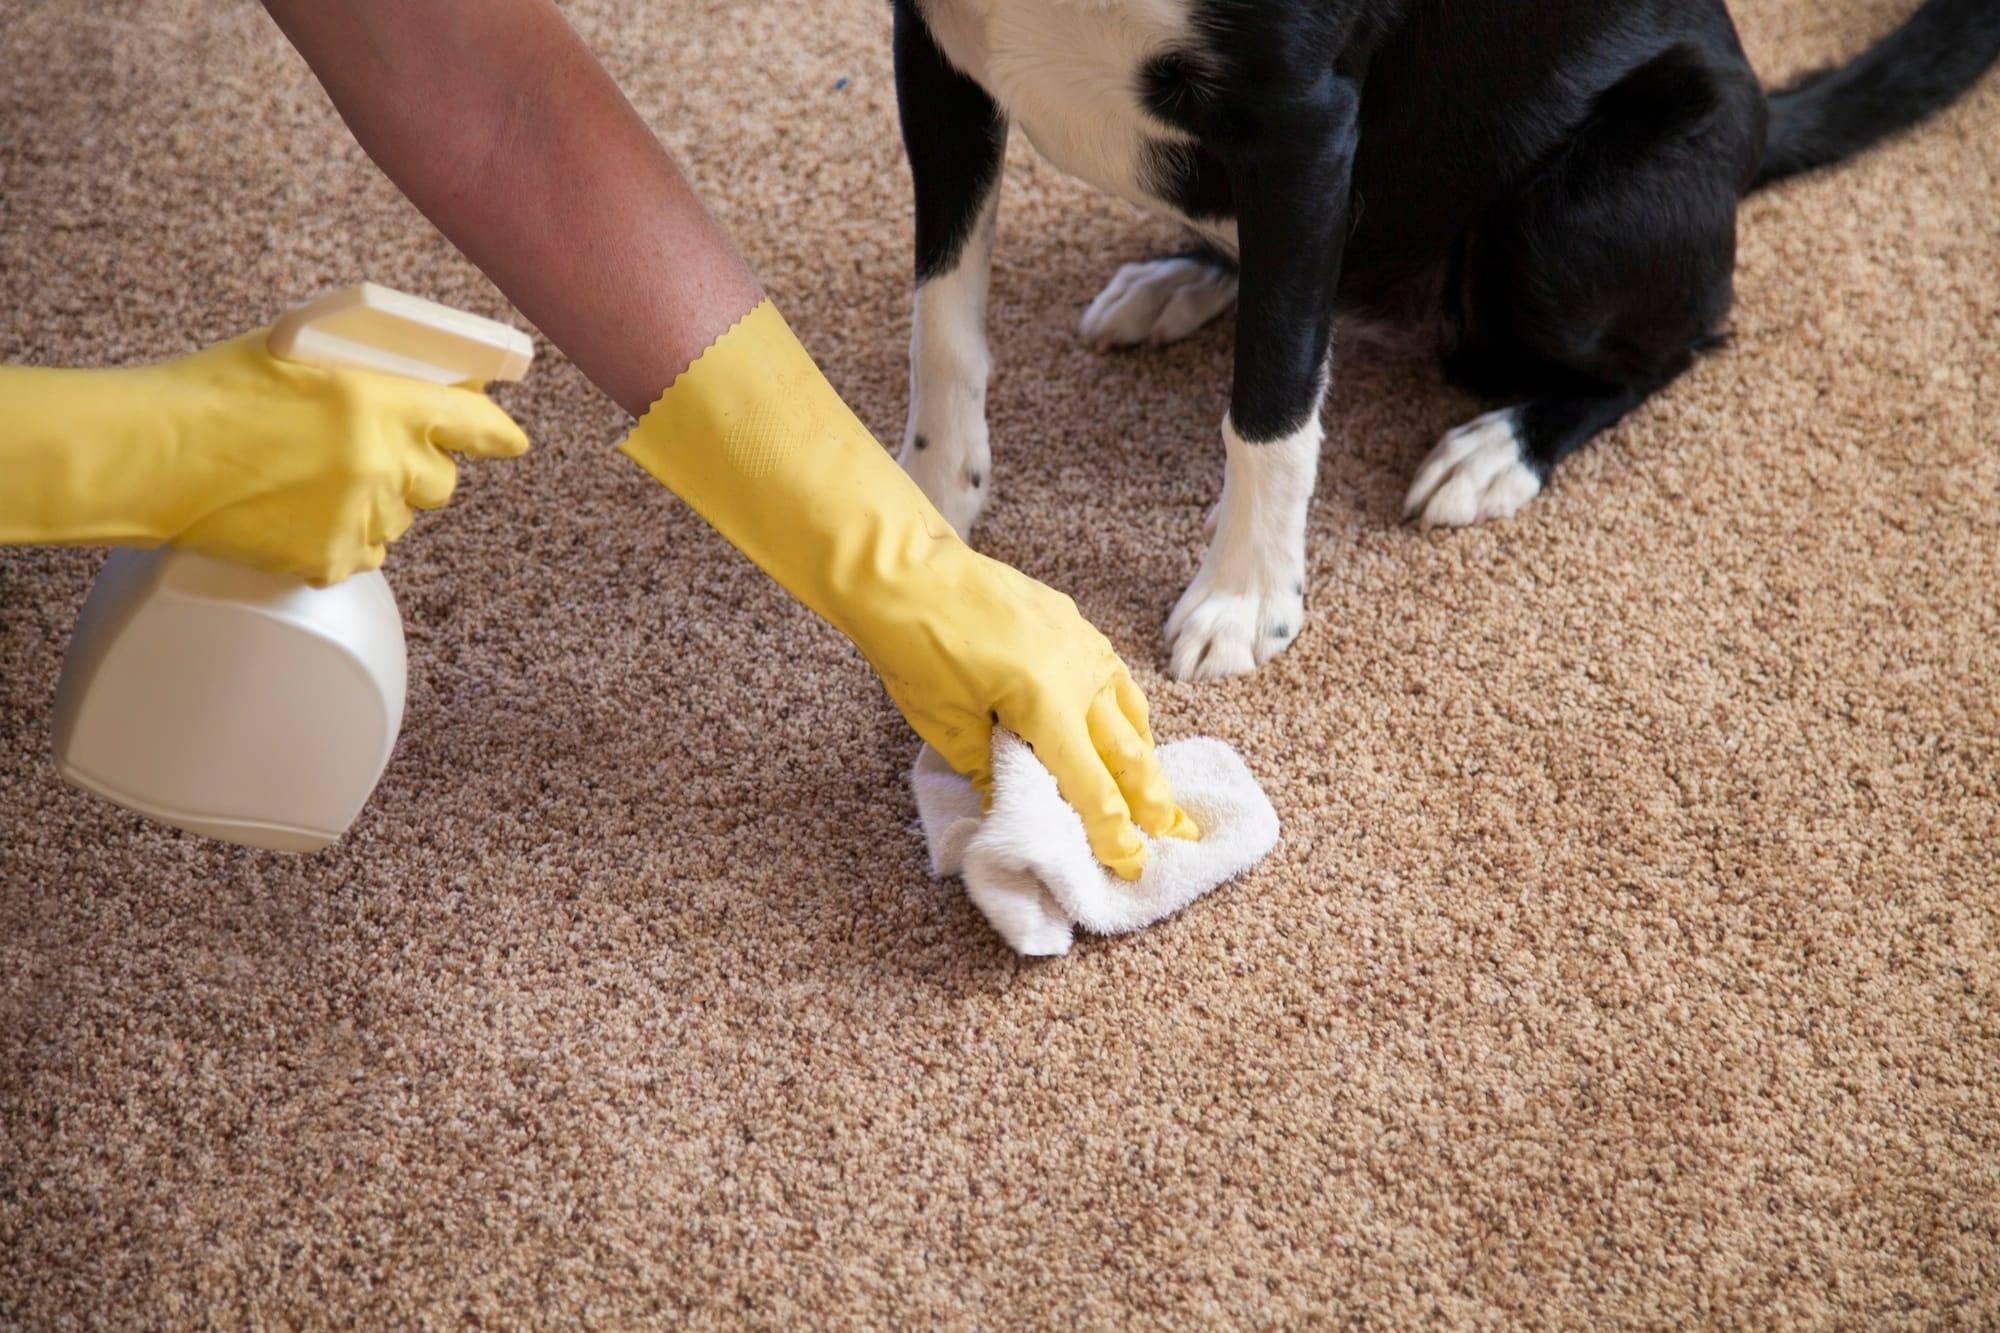 Как избавиться от запаха мочи собаки ? чем удалить запах на ковре, средства - serviceyard-уют вашего дома в ваших руках.